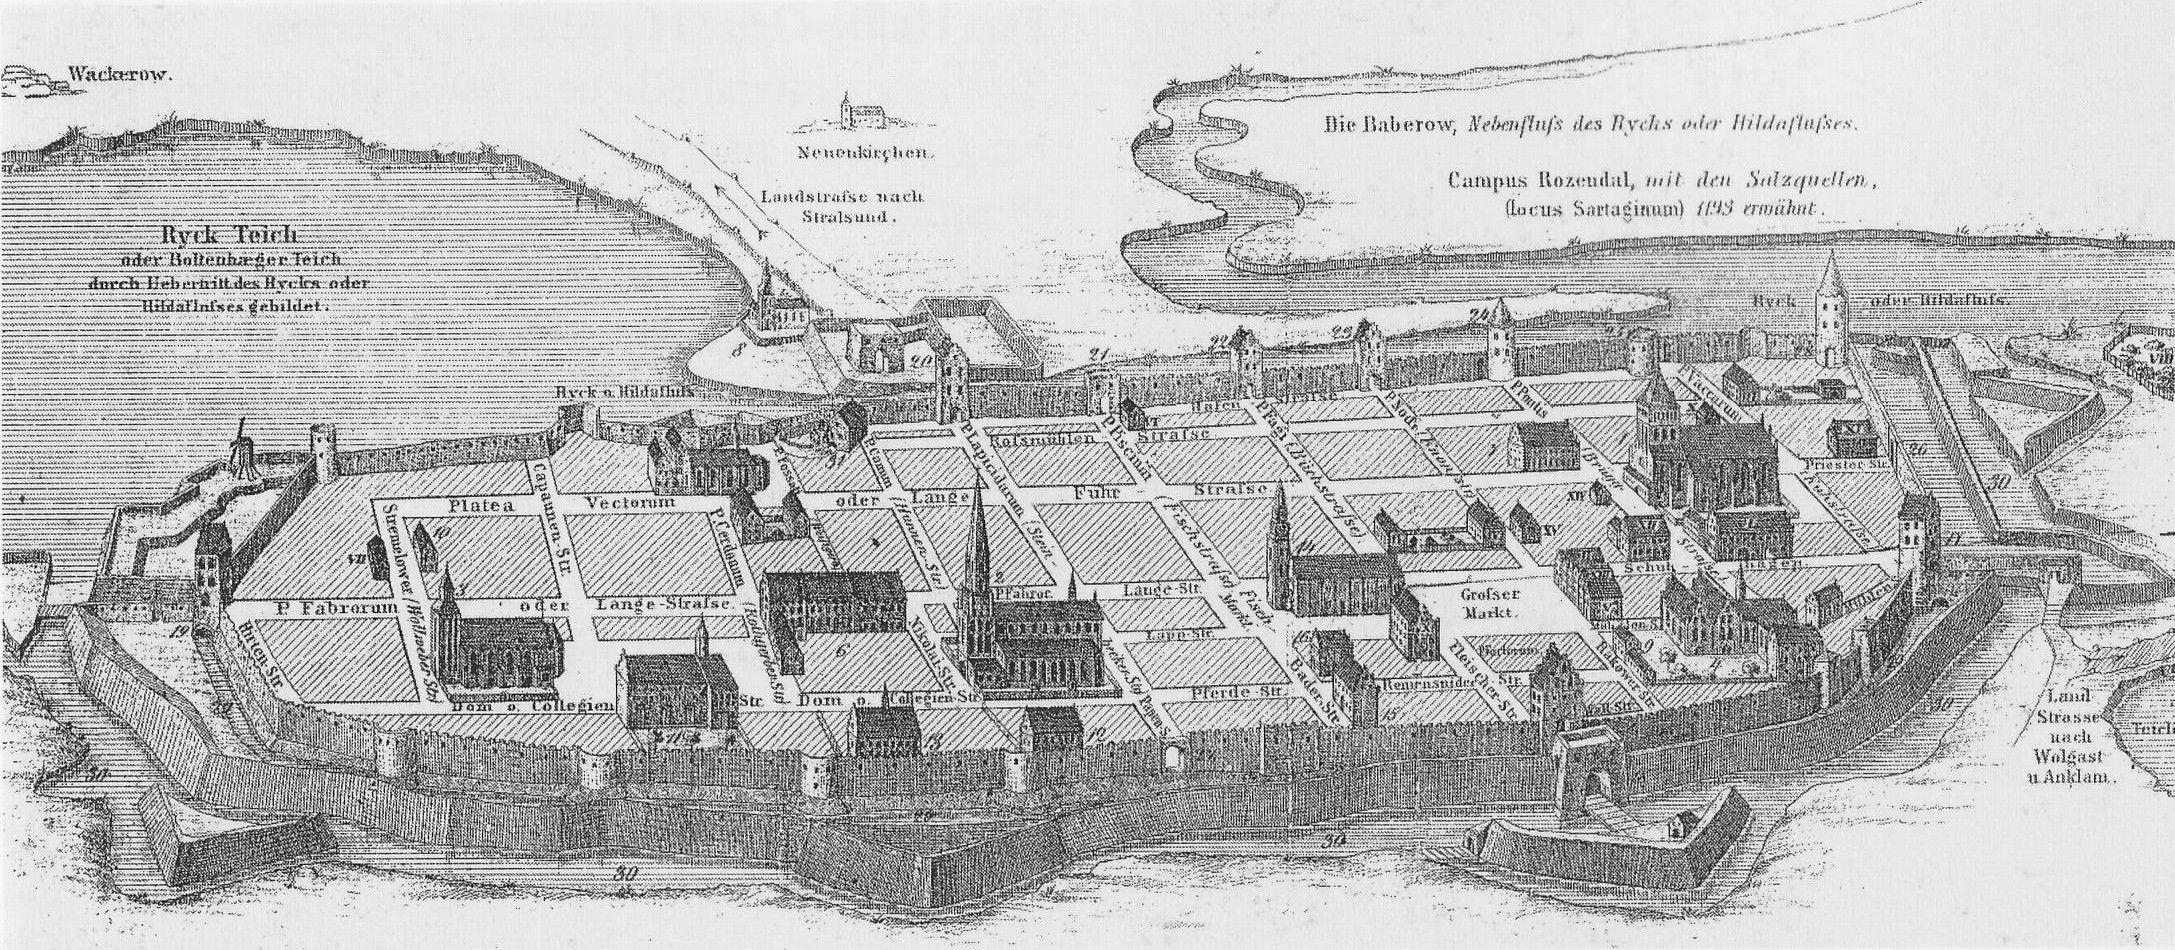 Best Greifswald im Mittelalter Rekonstruktion von Theodor Pyl nach historischen Texten und Grafiken